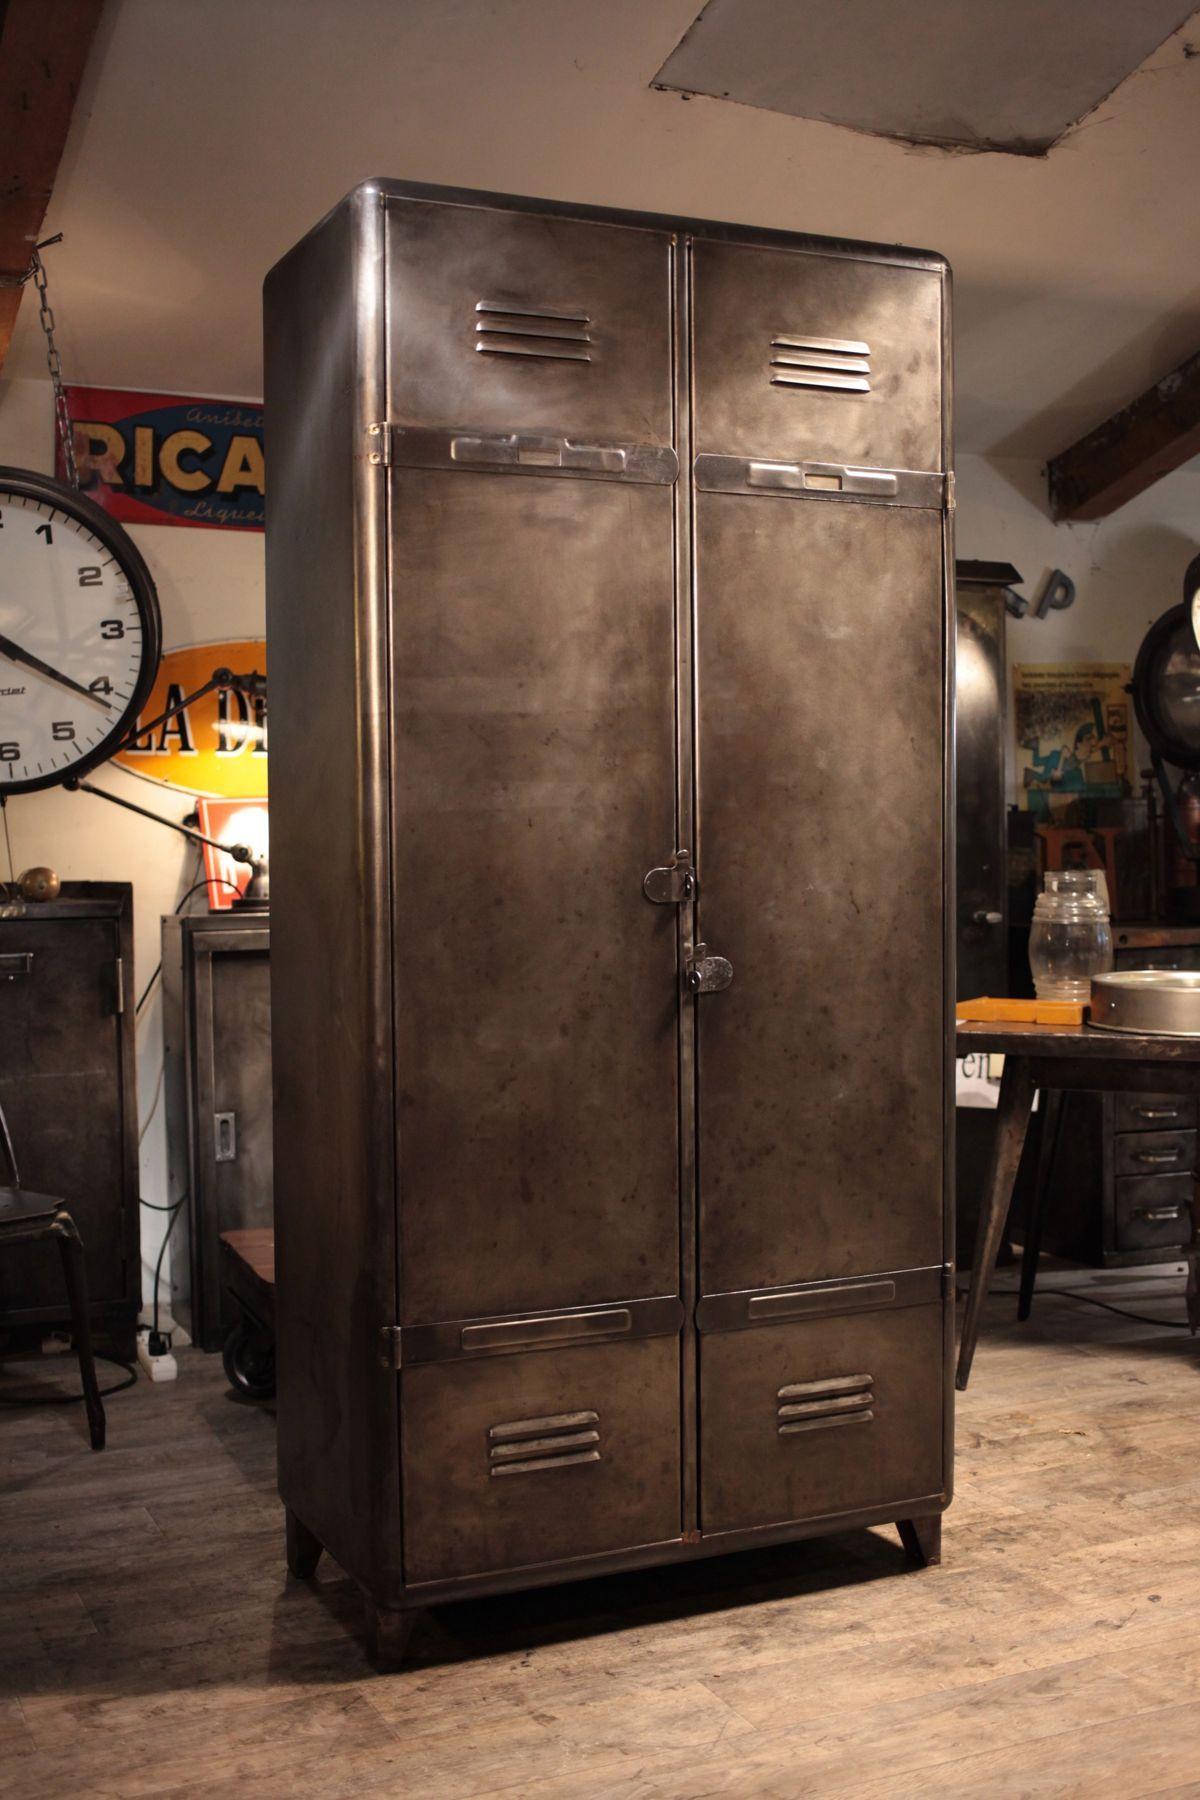 Meuble Industriel Ancien Vestiaire Deco Loft Armoire Metallique Decoration Style Industriel Retro Meuble Salle De Bain